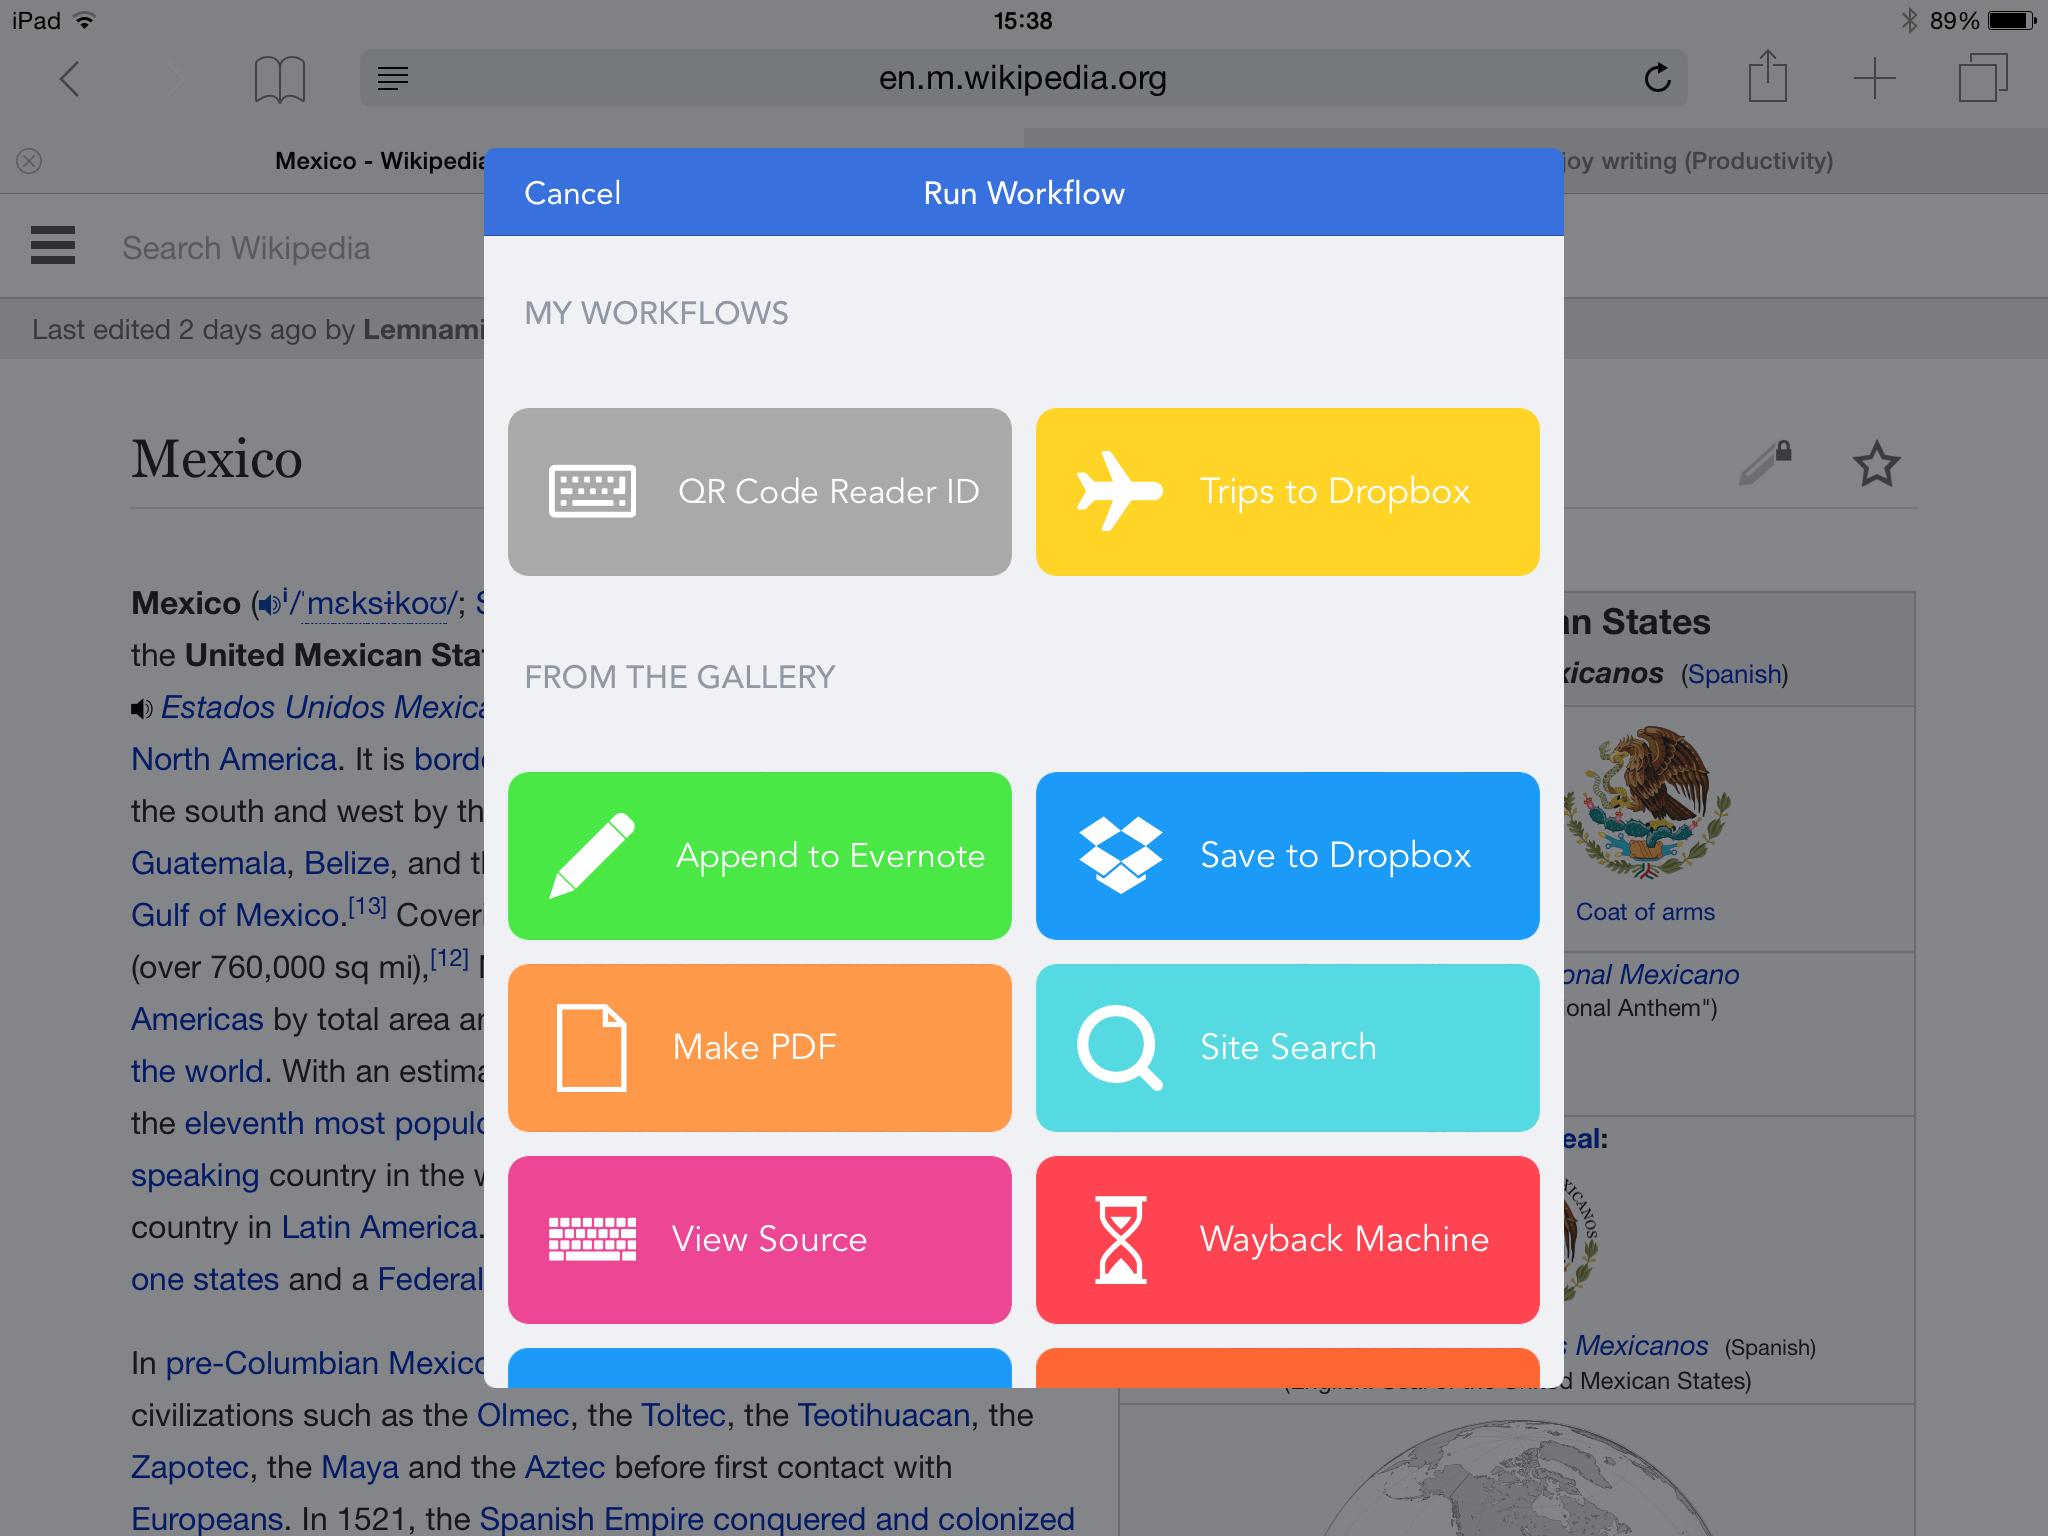 Workflow - Trips to Dropbox